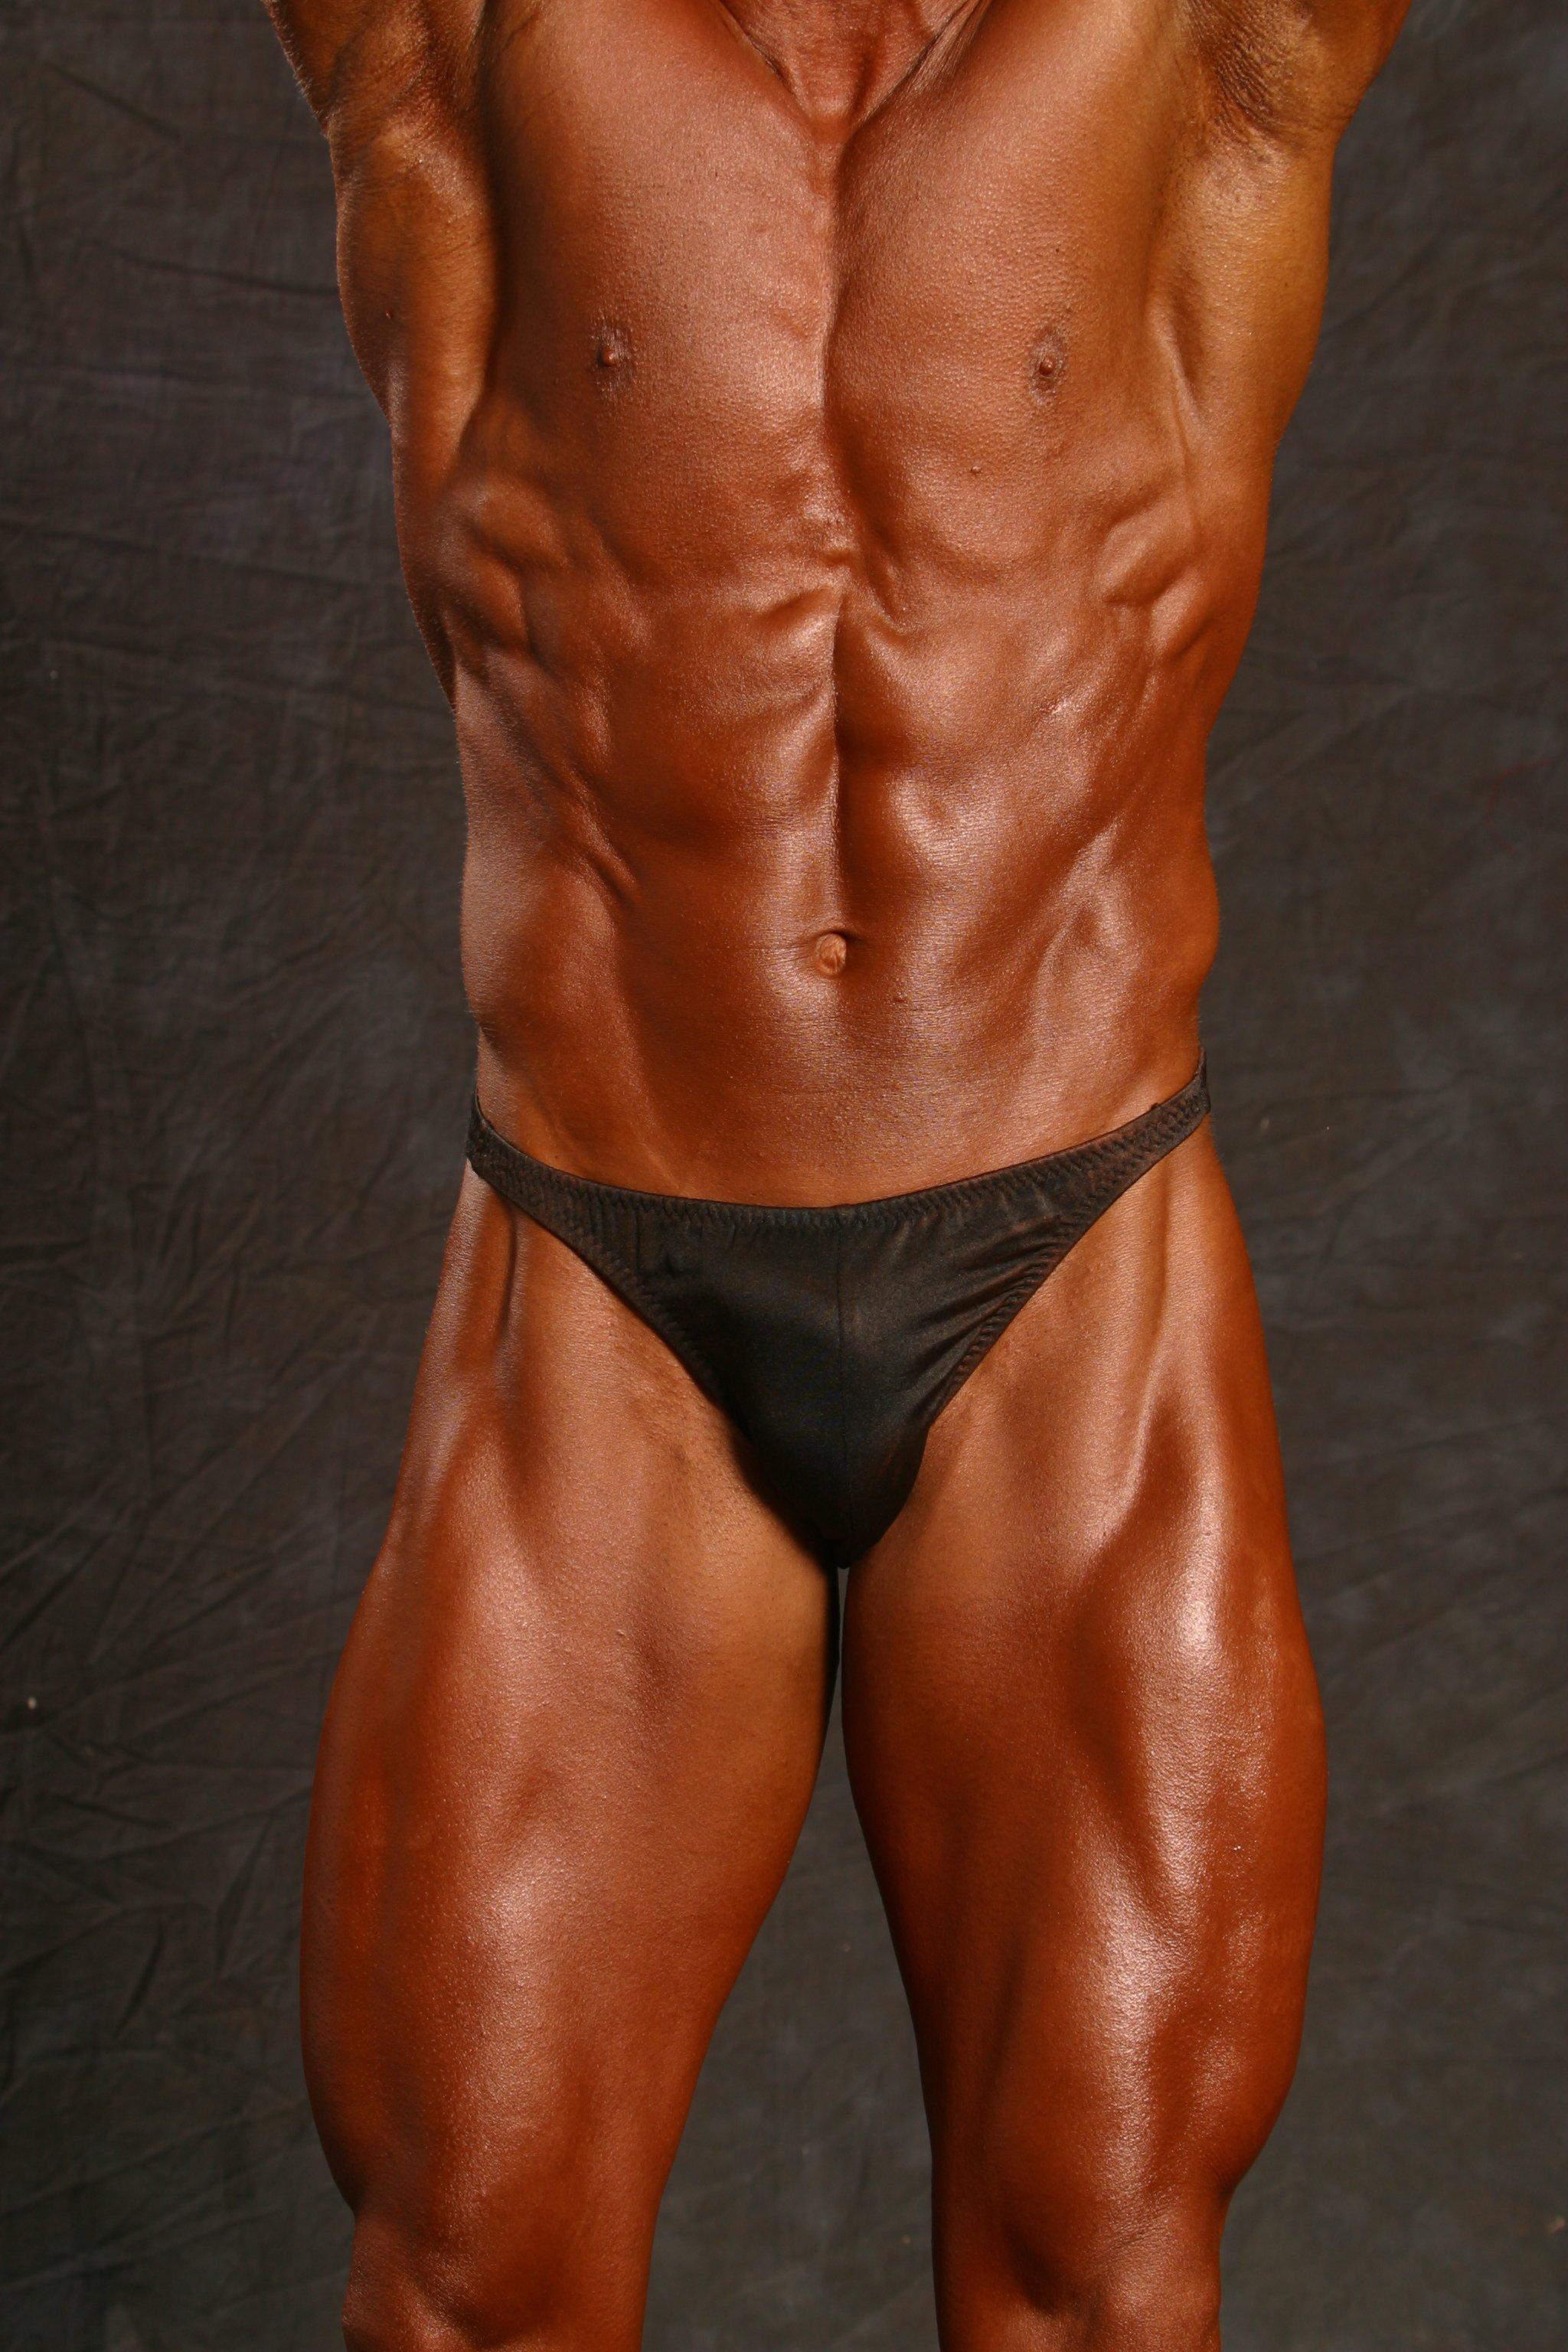 Jim Ribau - Bodybuilding - 2007 06 23 - 10 - Abs and Quads pose, closeup